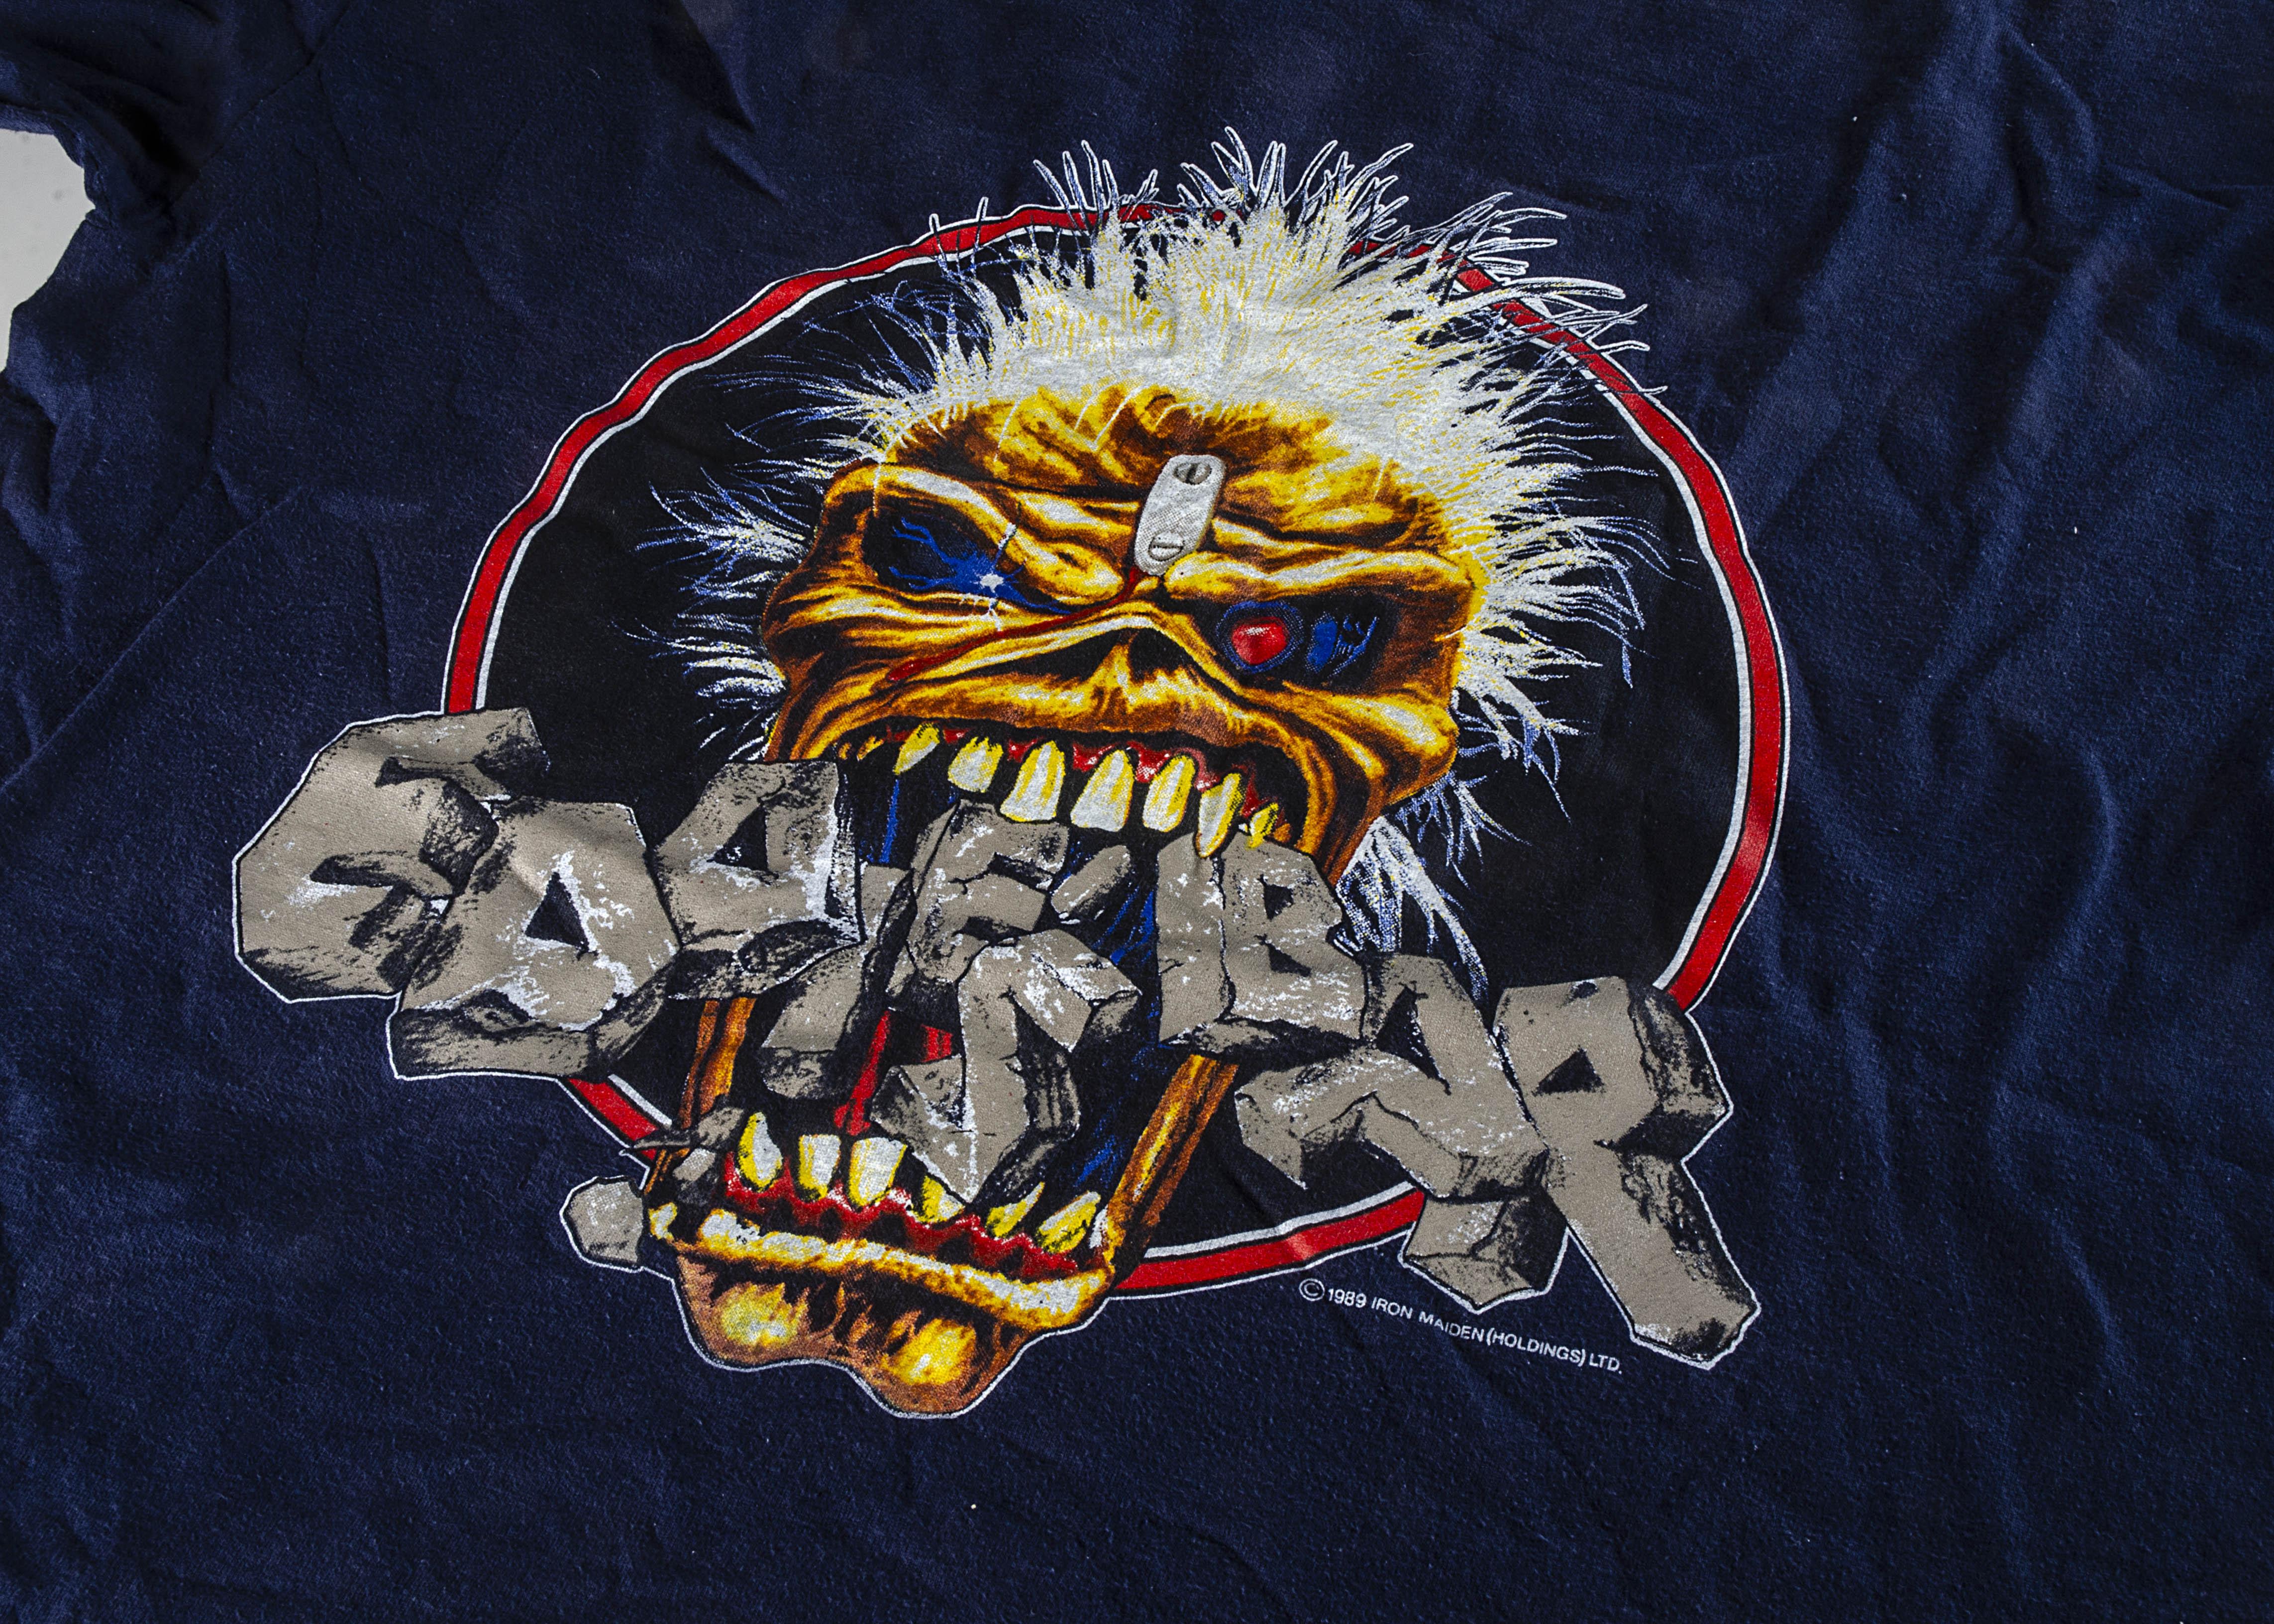 Iron Maiden Eddie 'T' Shirt, Iron Maiden 'T' shirt - Eddie's Bar 1989 blue shirt to reverse 'Eddie's